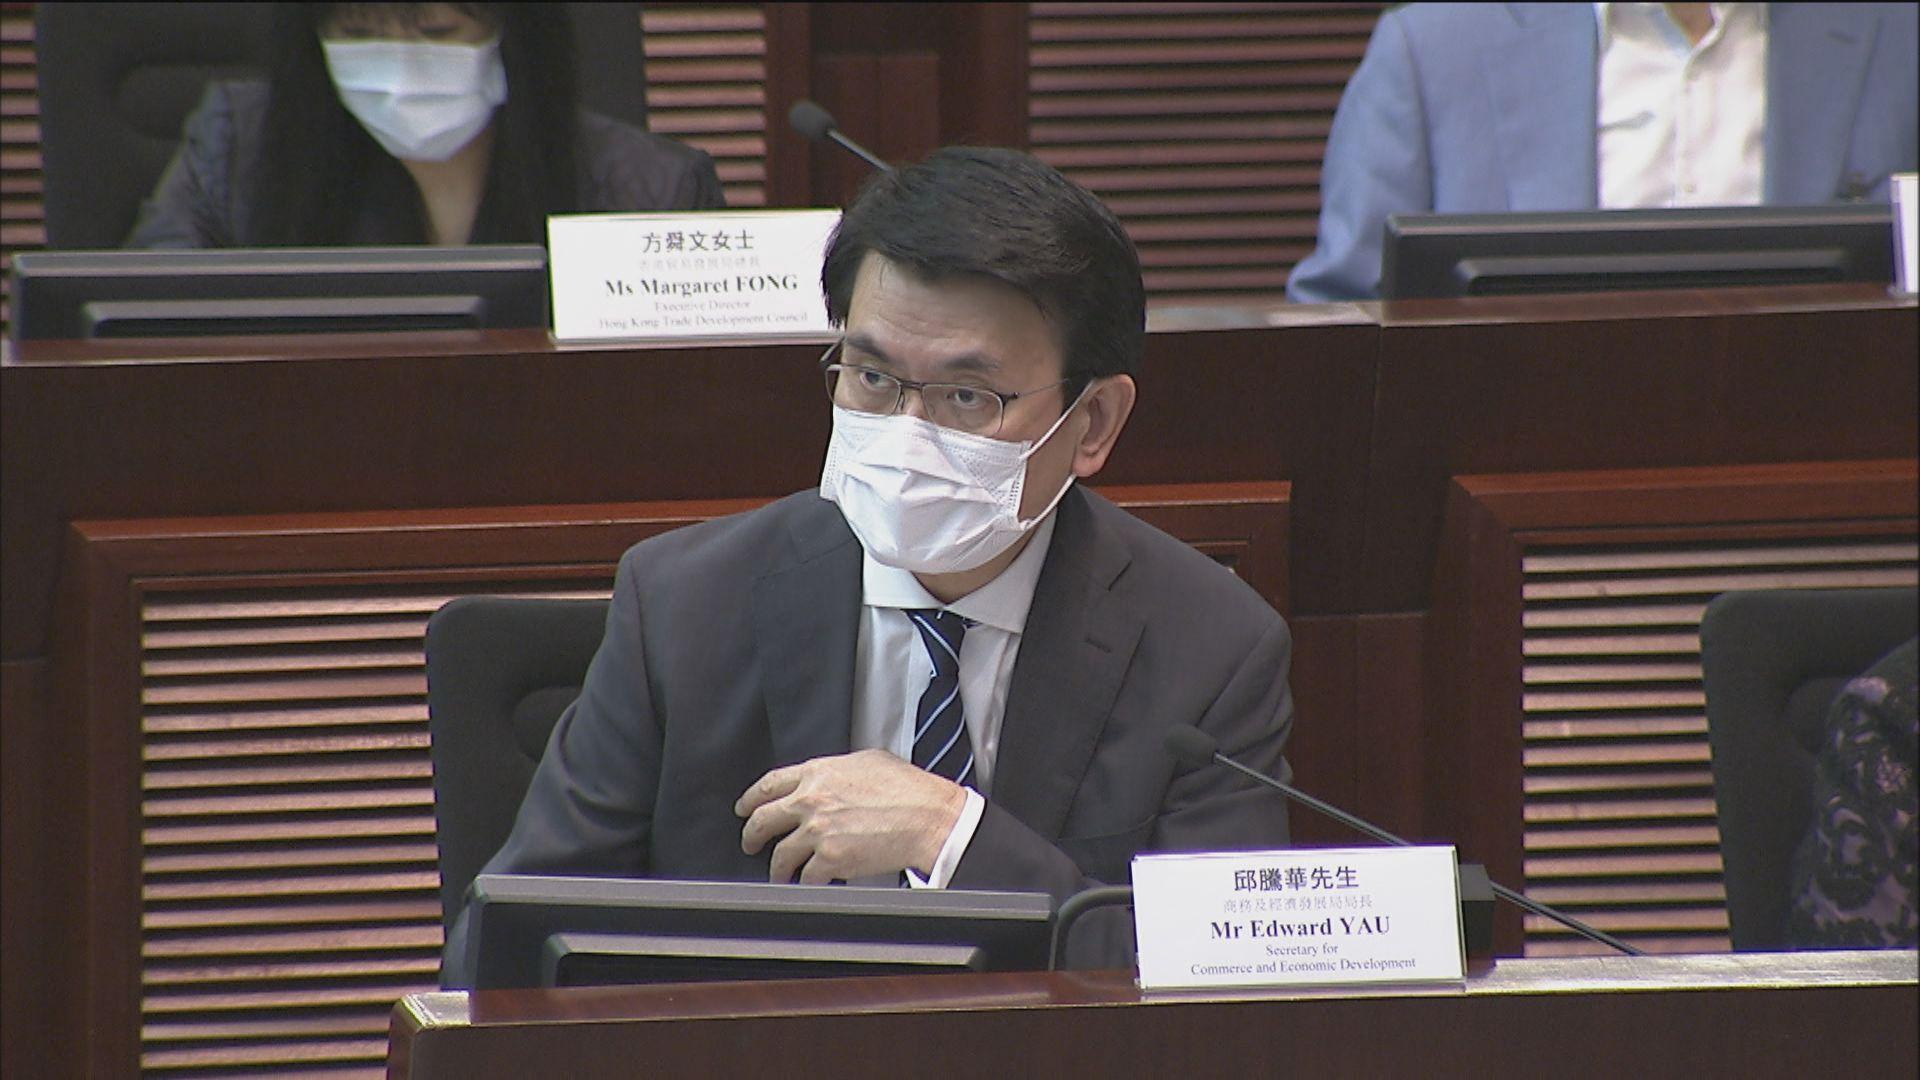 邱騰華:重開關口需衝量多方意見